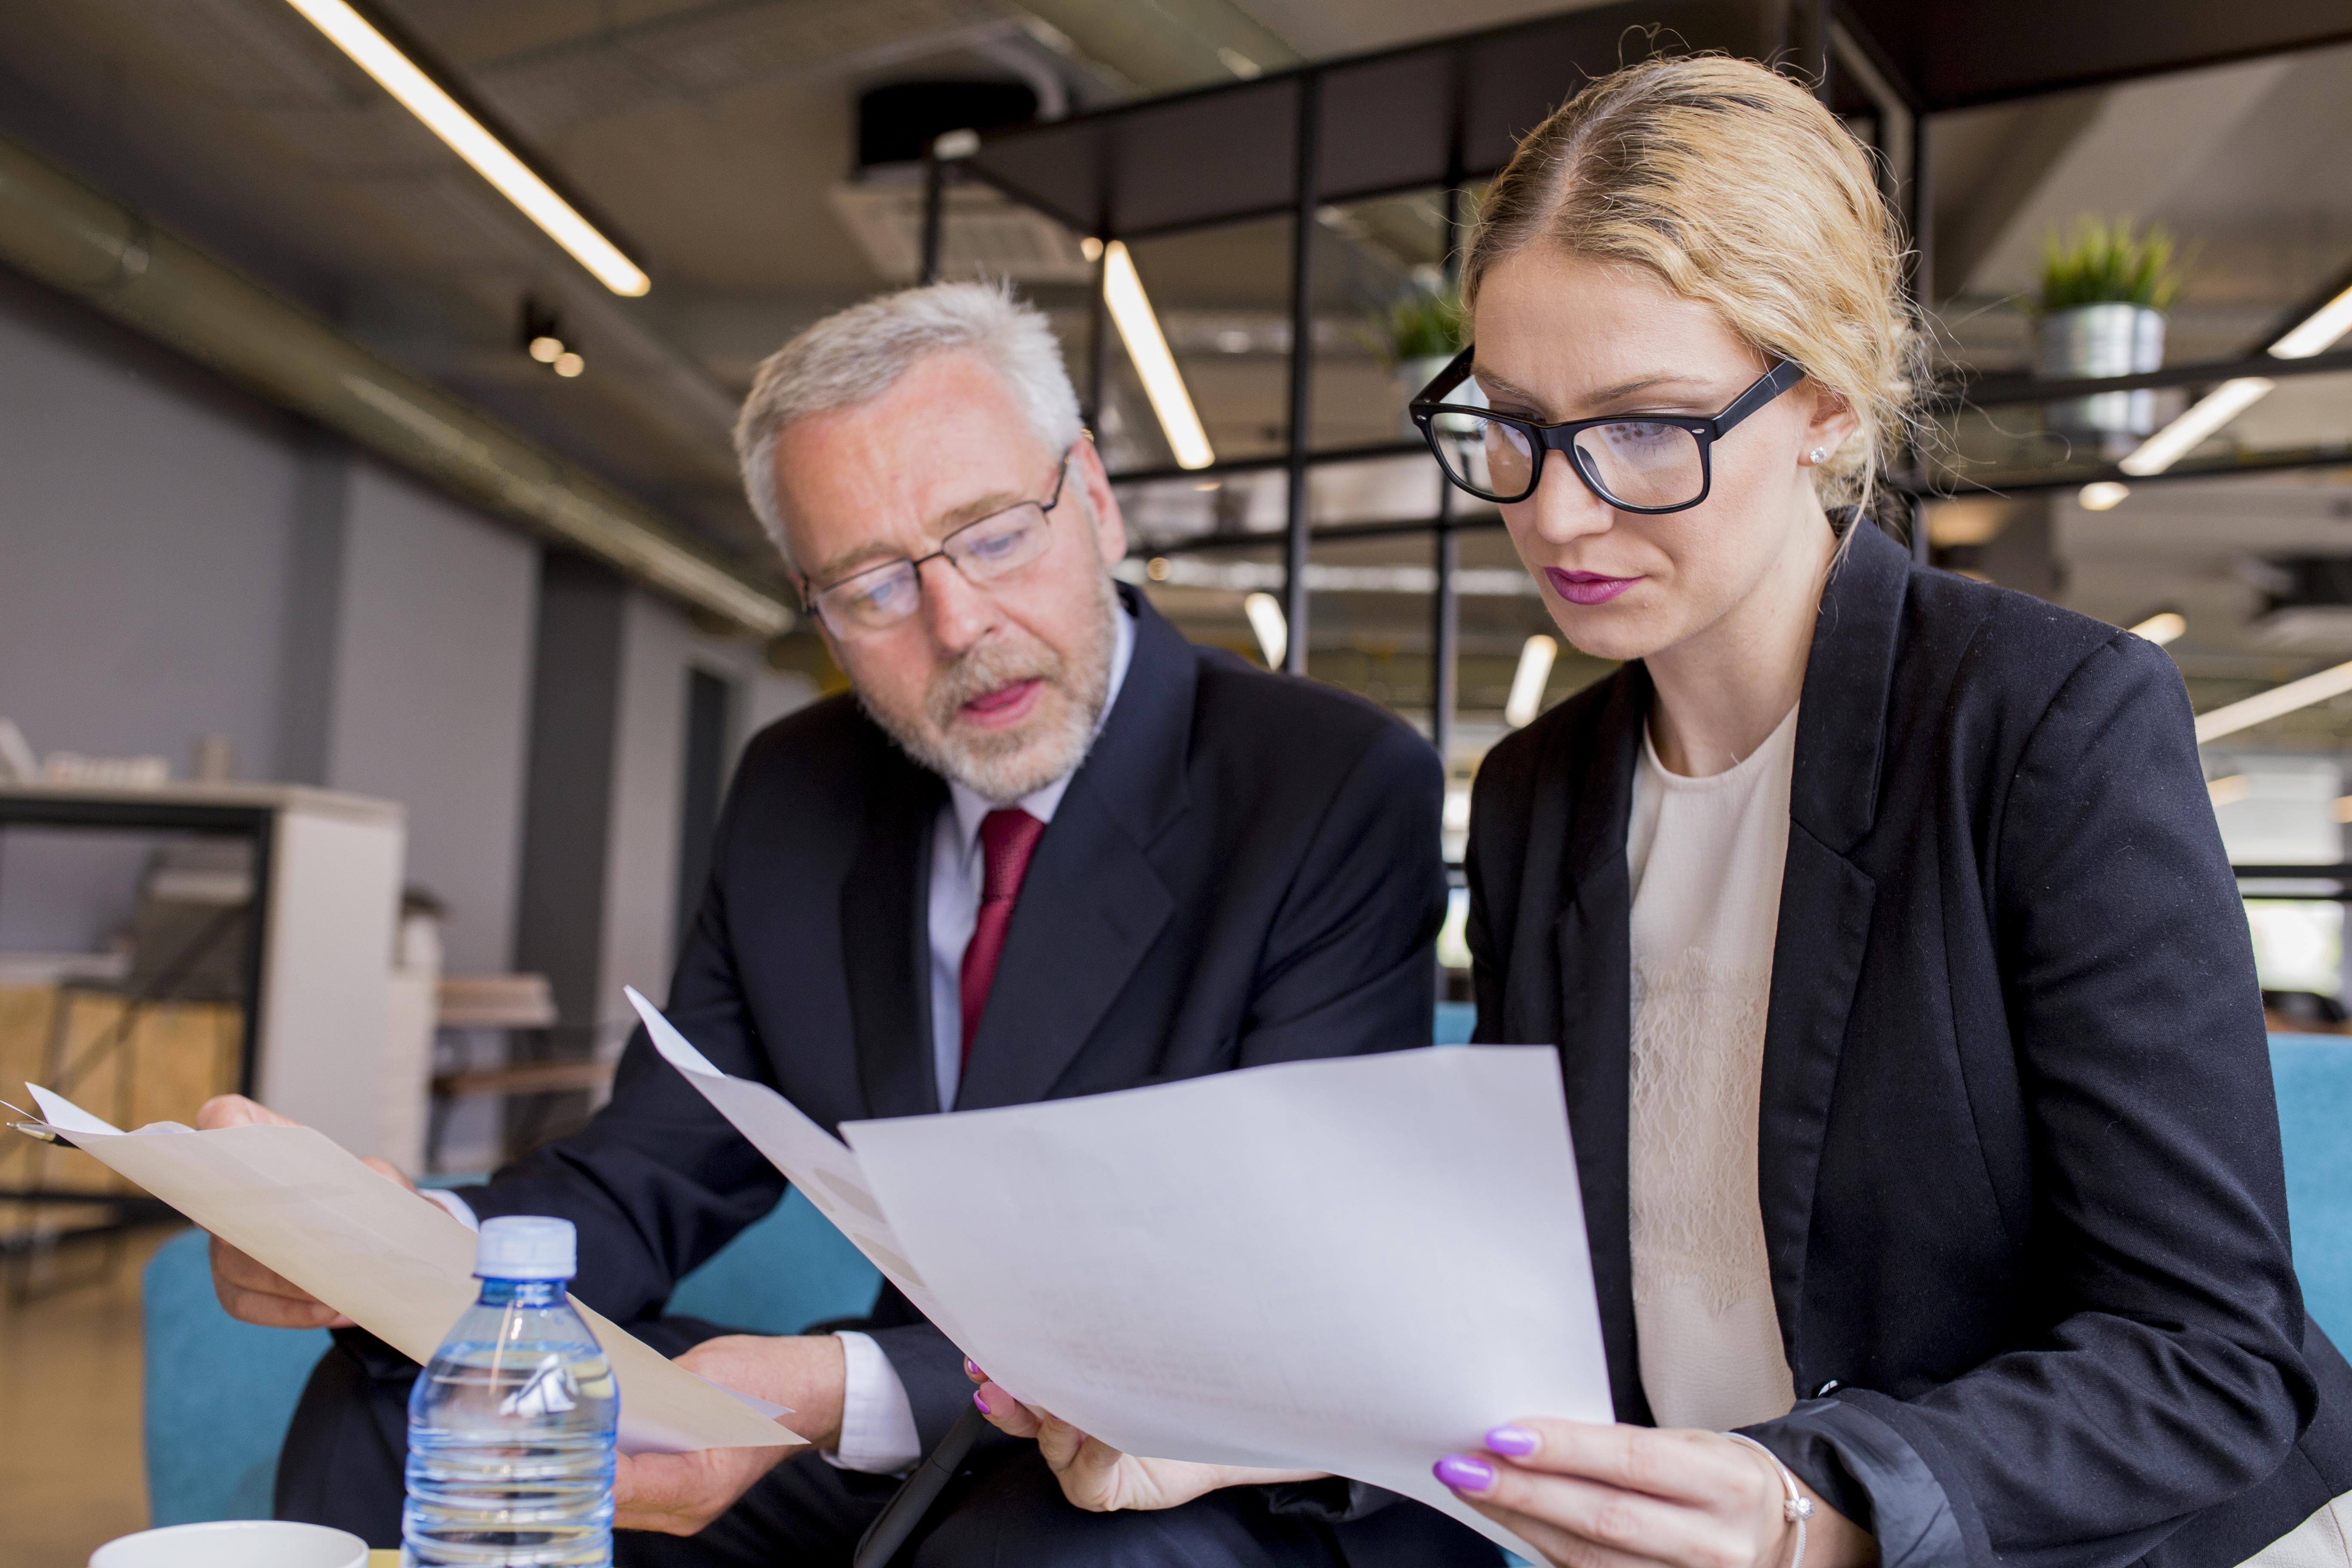 Dinheiro Décimo Terceiro Salário 1 - Duoexo - Quem tem direito ao 13º salário?